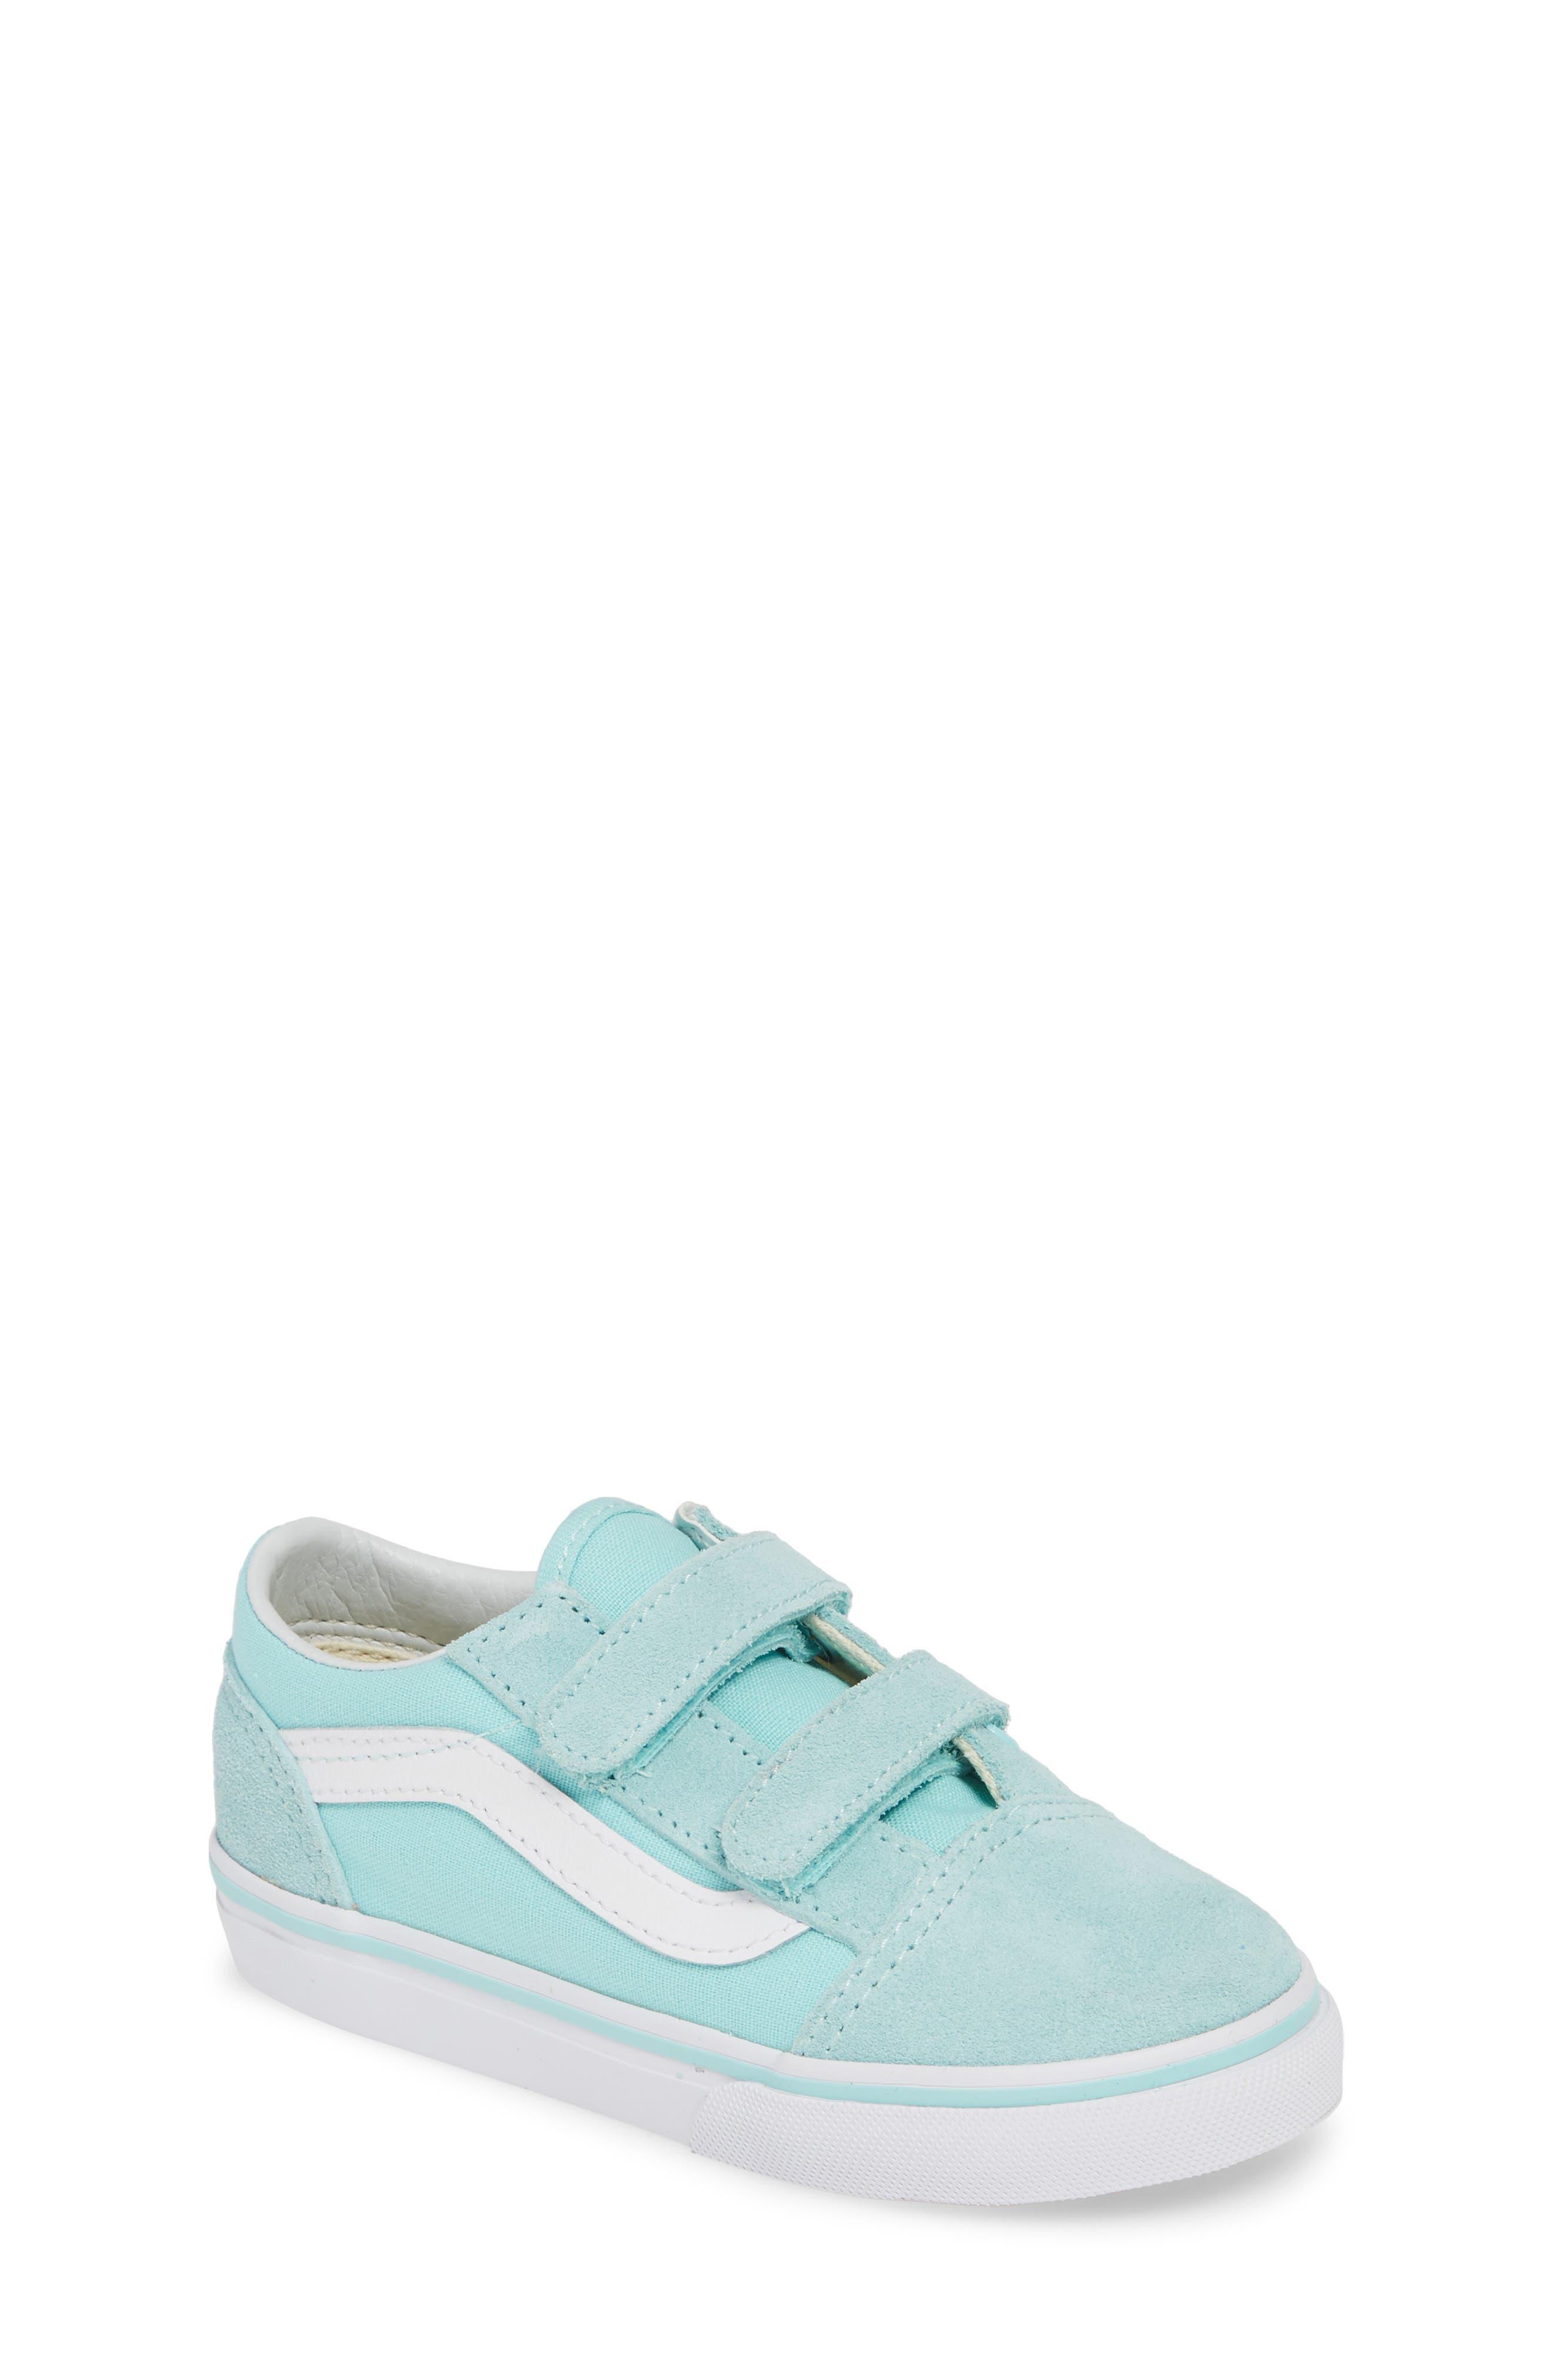 VANS 'Old Skool V' Sneaker, Main, color, BLUE TINT/ TRUE WHITE